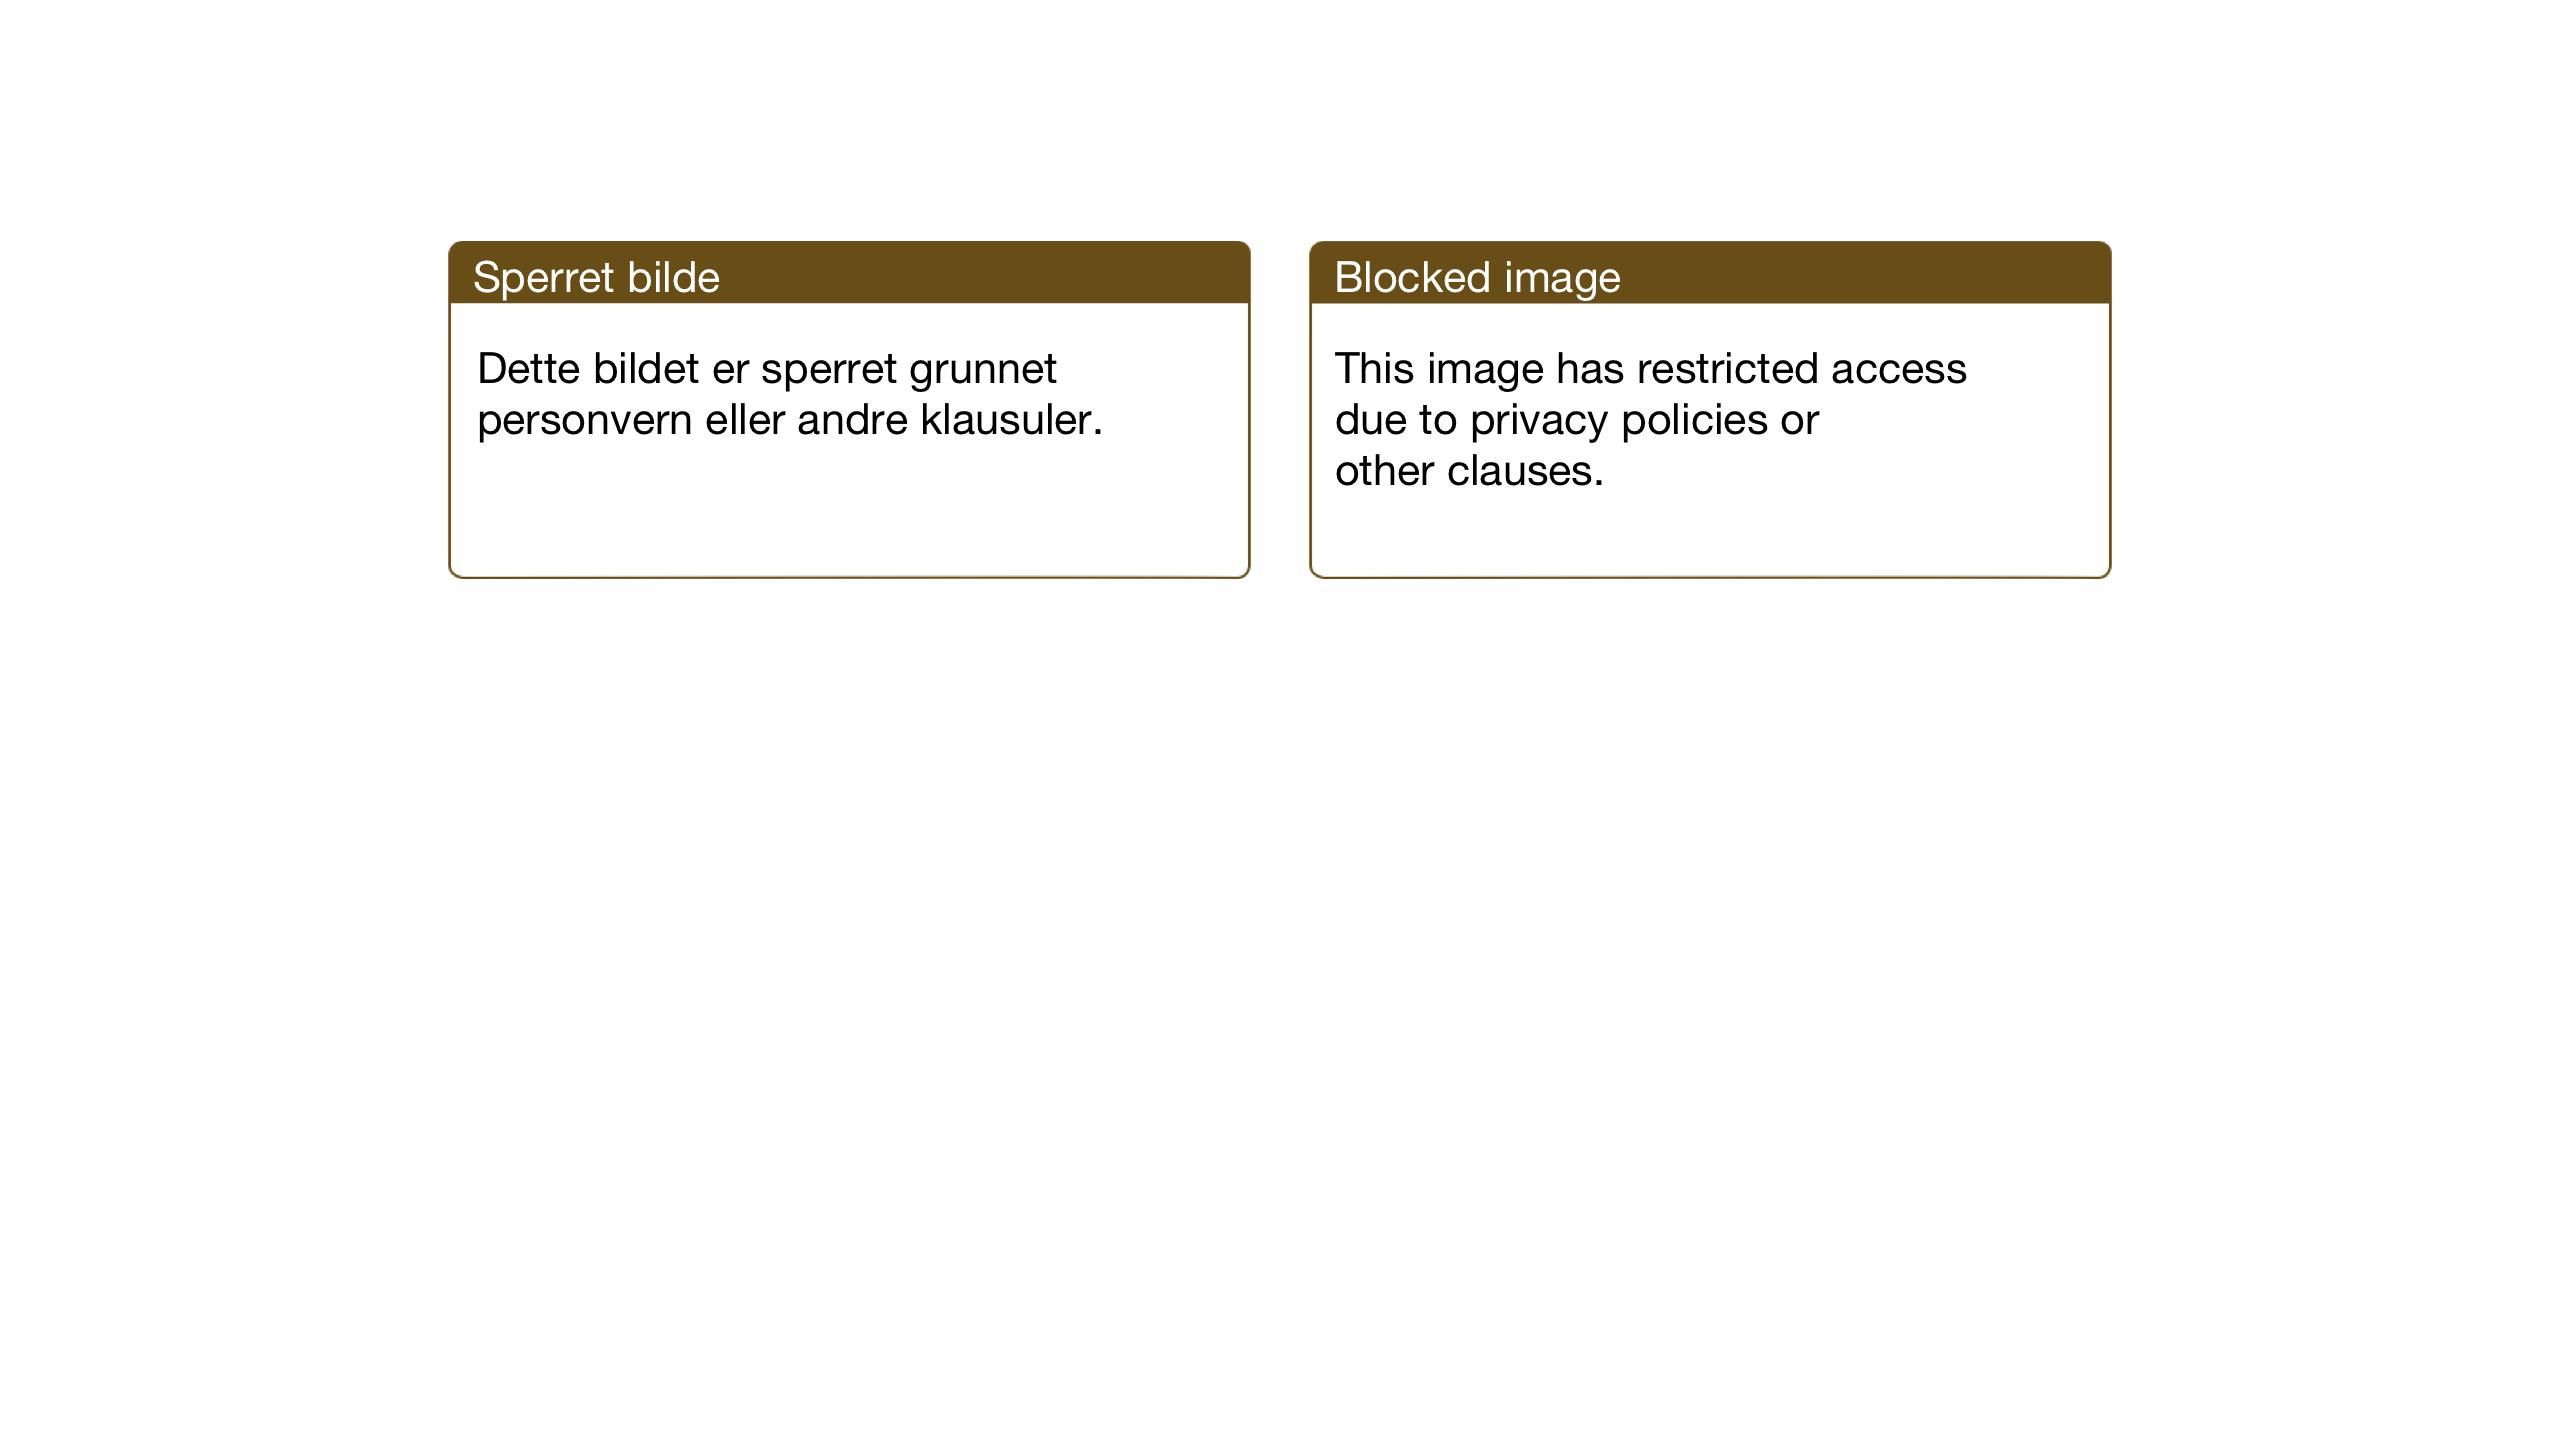 SAT, Ministerialprotokoller, klokkerbøker og fødselsregistre - Sør-Trøndelag, 604/L0210: Ministerialbok nr. 604A30, 1932-1946, s. 116